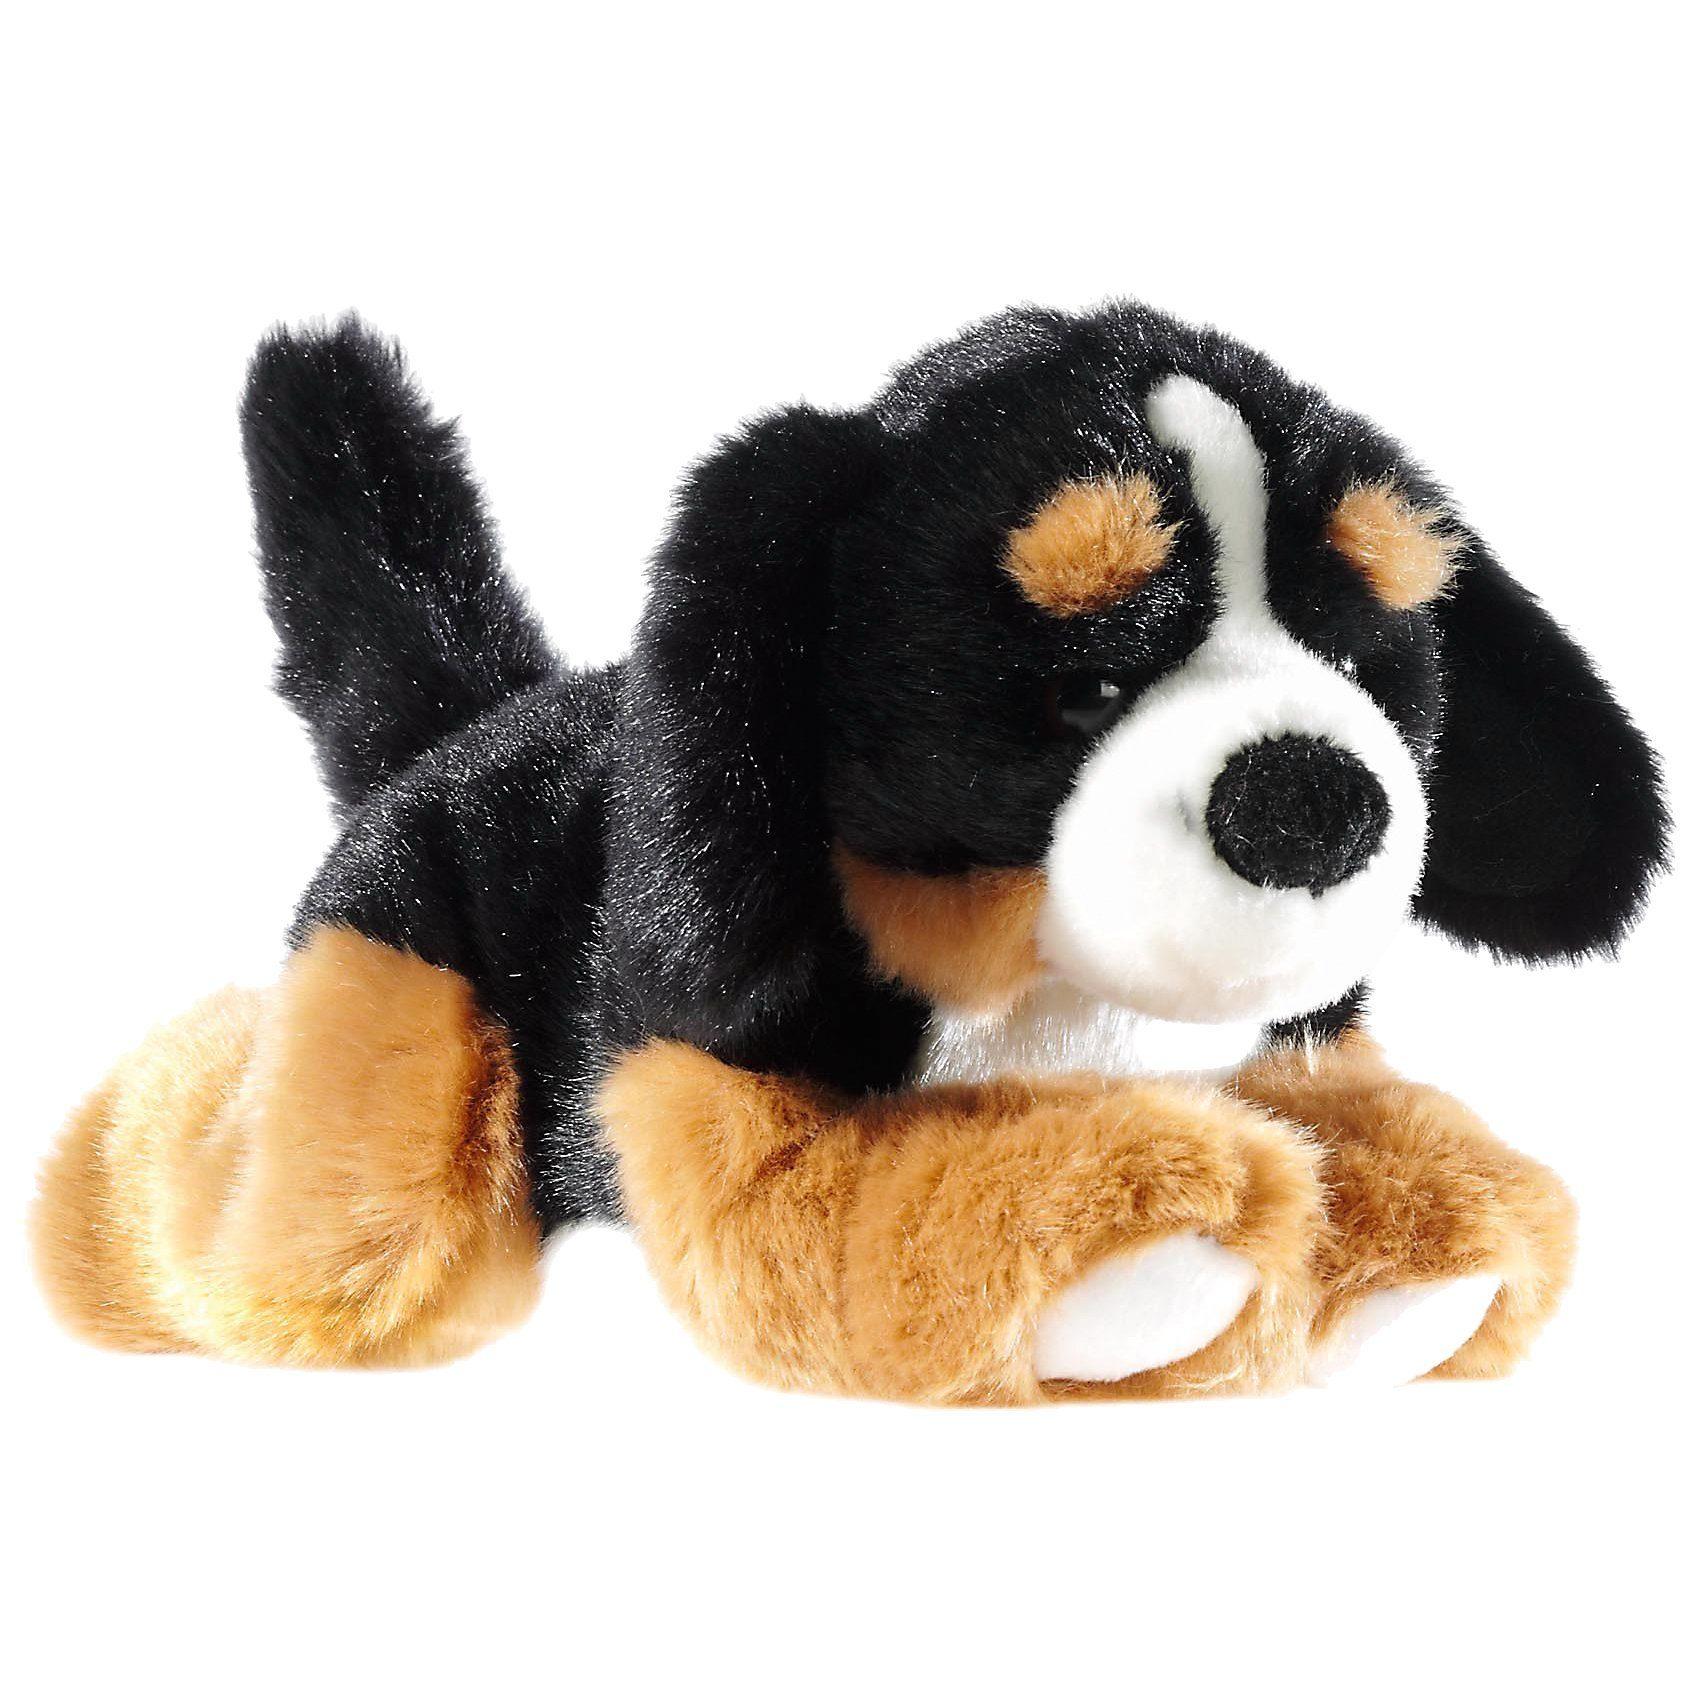 Heunec MI CLASSICO Baby Berner Sennerhund liegend, 23 cm